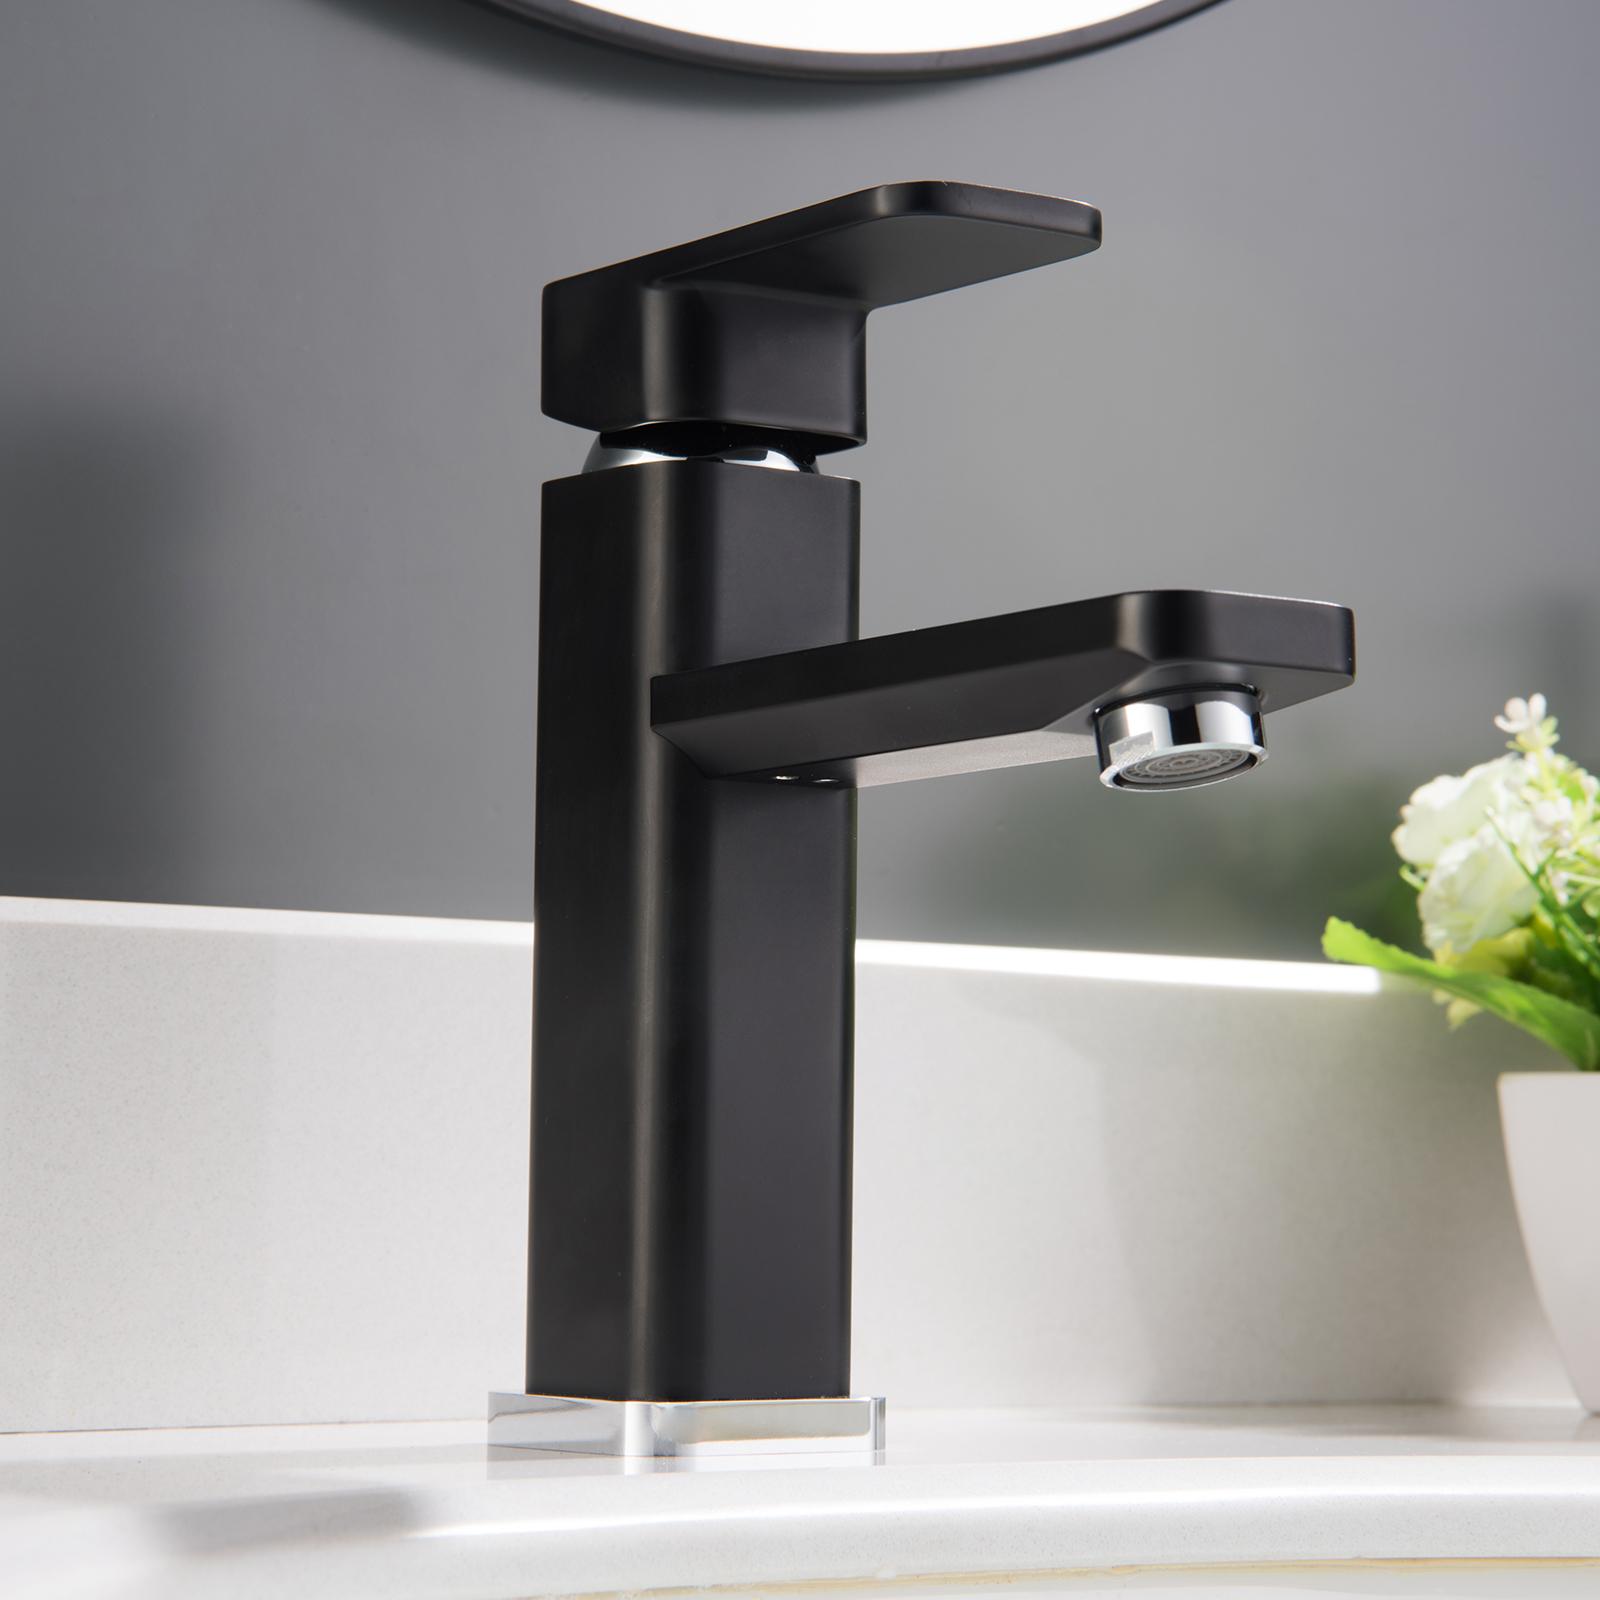 waschtischarmatur badarmatur wasserhahn 1233cb in chrome schwarz badewelt badarmatur. Black Bedroom Furniture Sets. Home Design Ideas